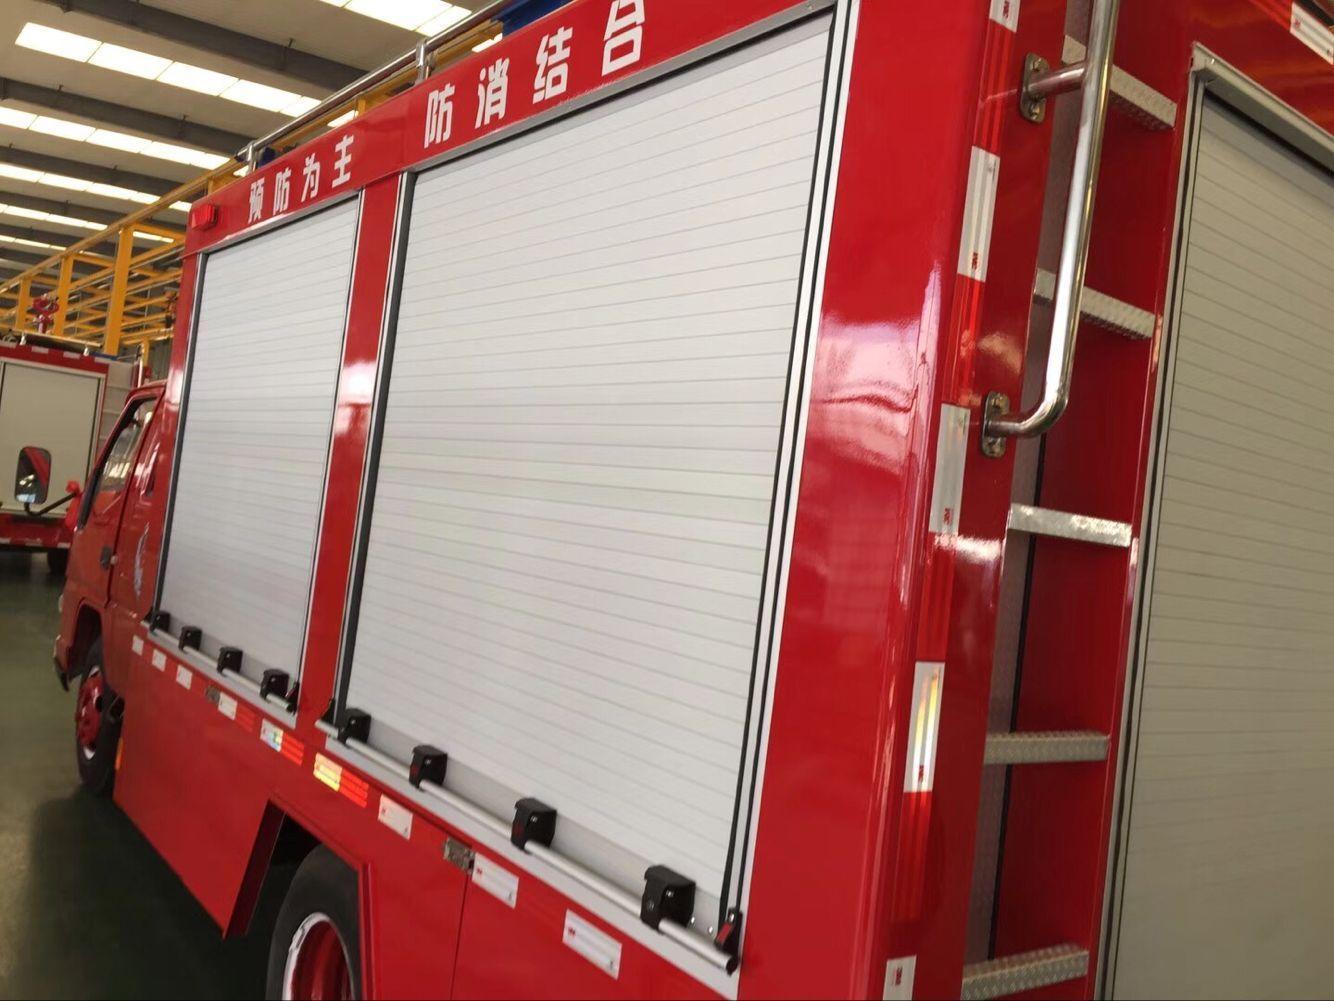 Fire-Fighting Truck Aluminum Roller Shutters Roll up Door Blind Curtain 1